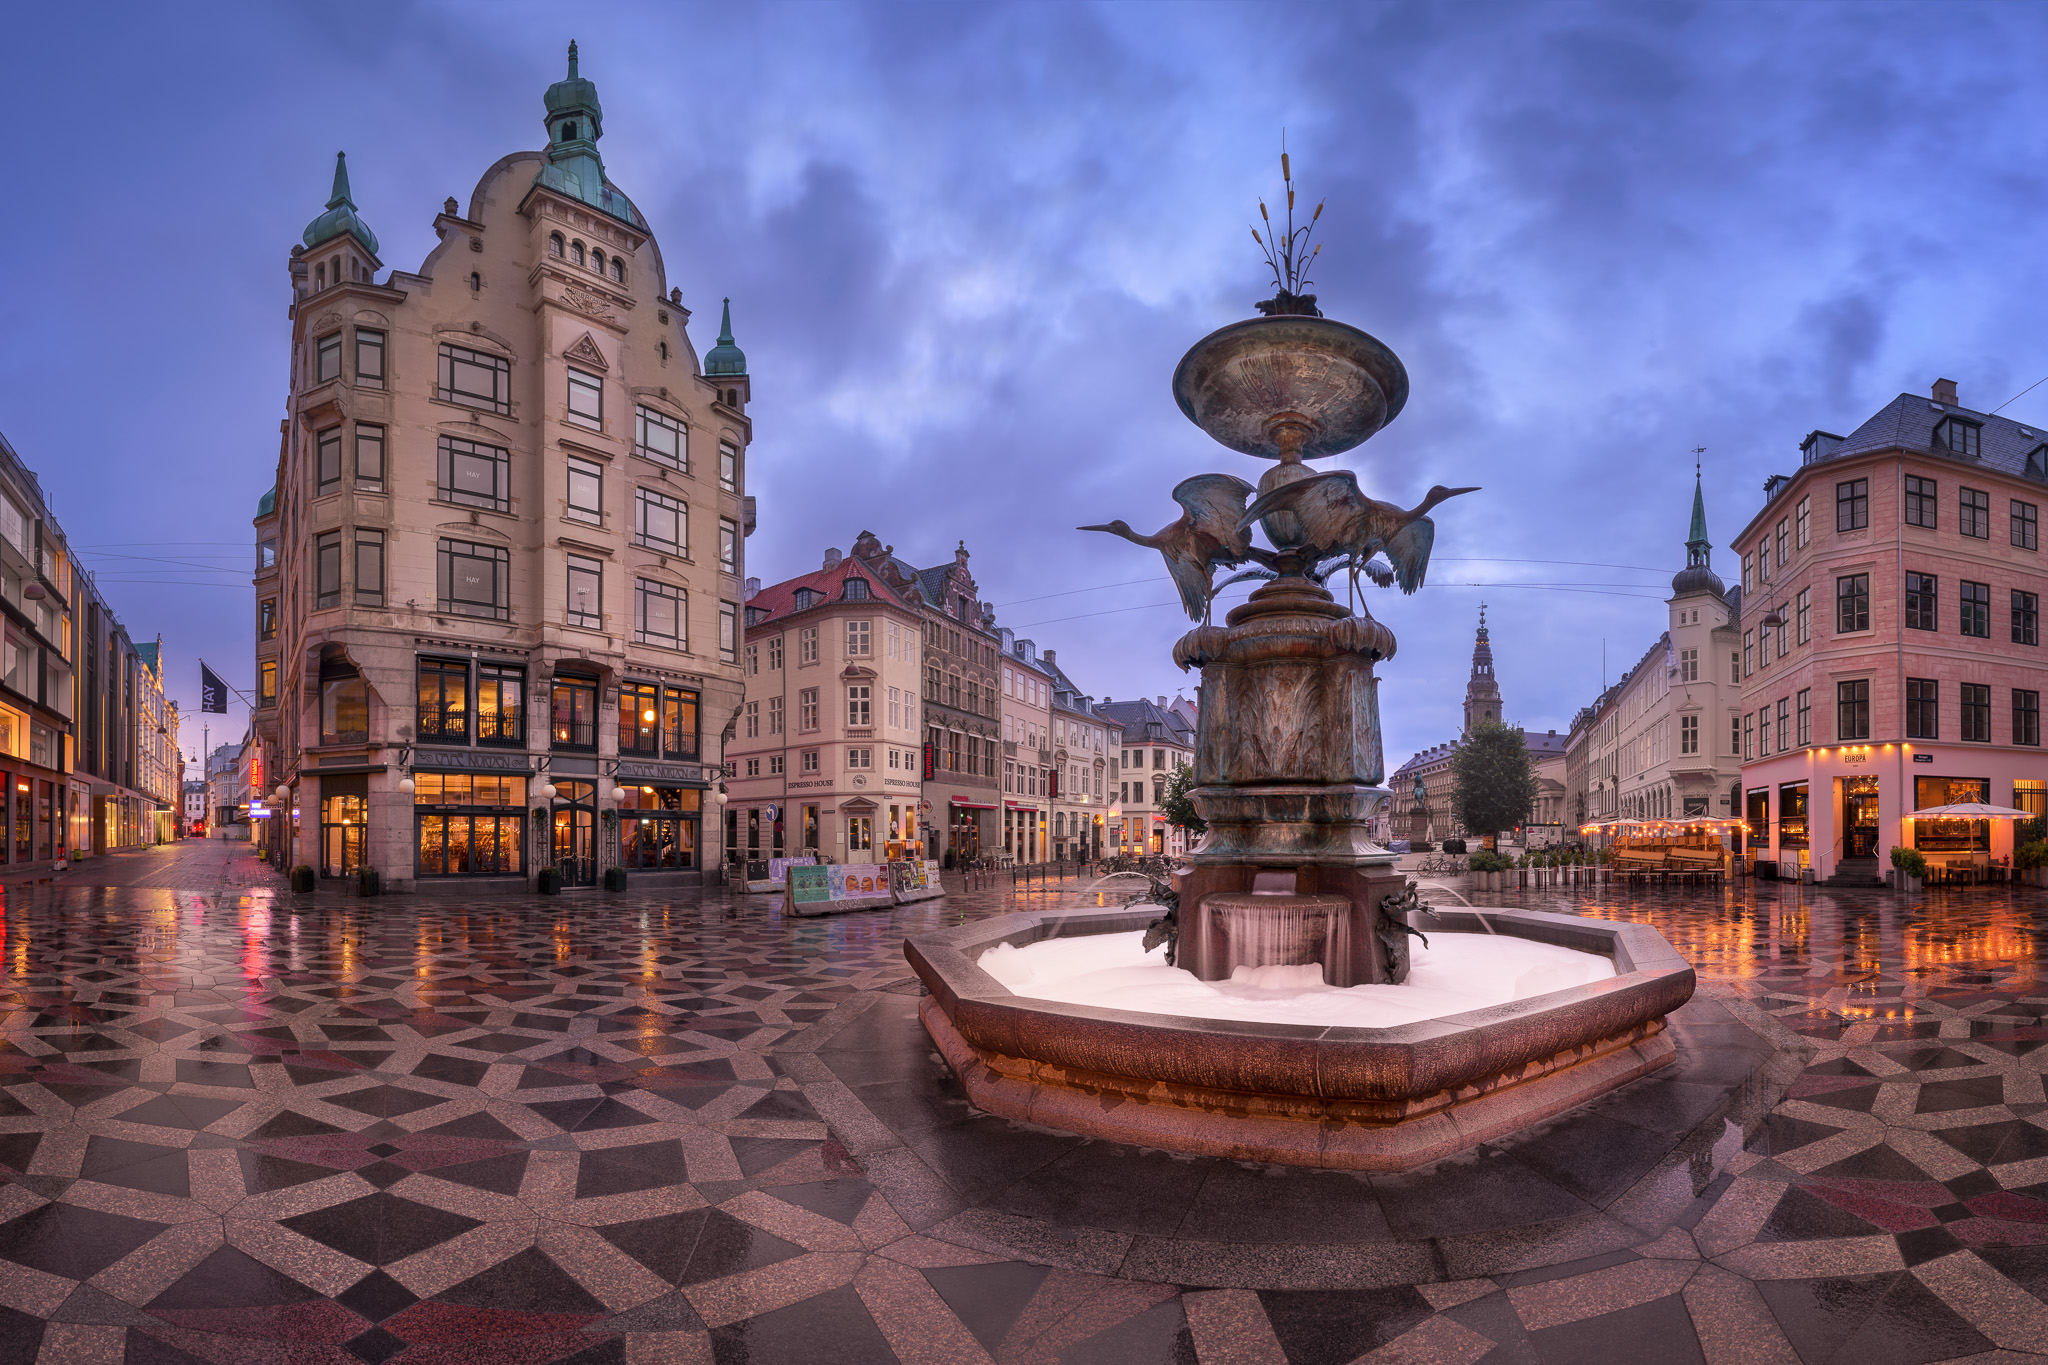 Amagertorv-Square-and-Stork-Fountain-in-the-Morning-Copenhagen-Denmark2.jpg